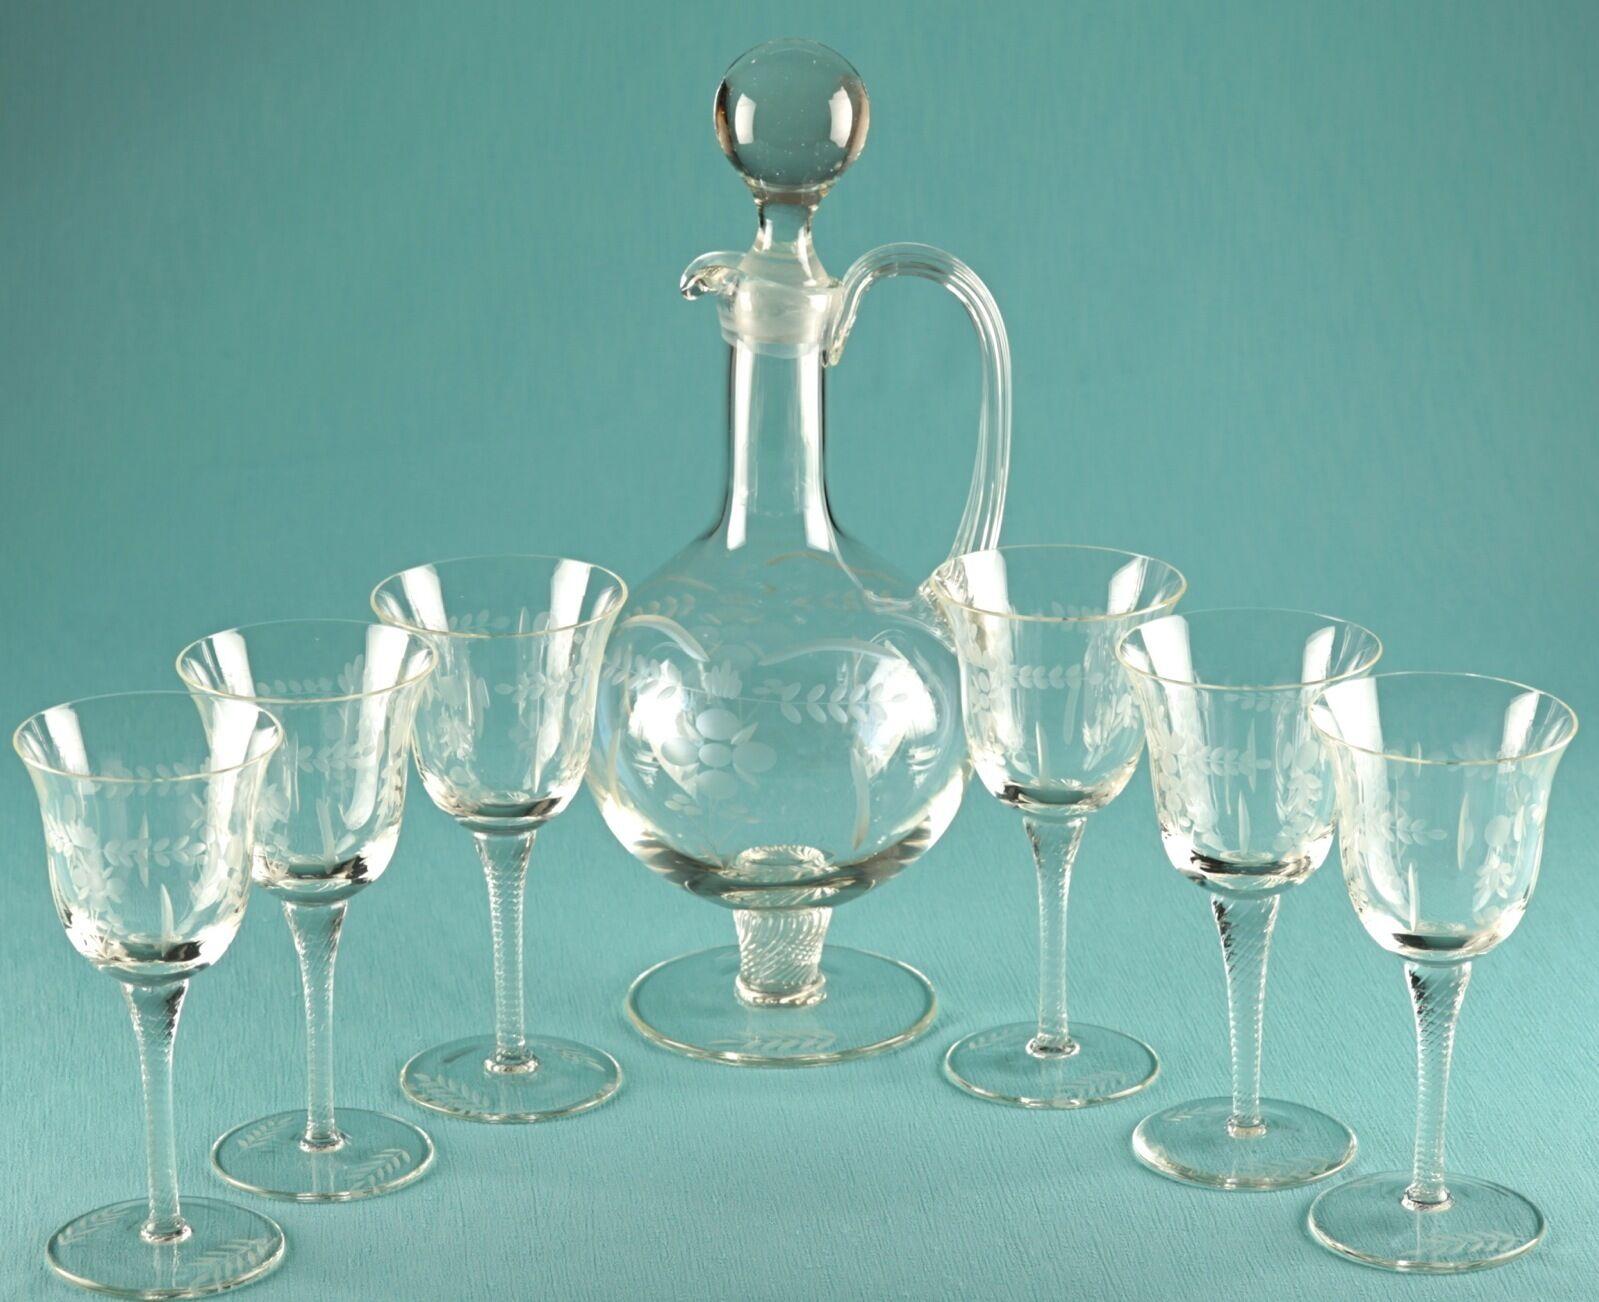 WMF edles Weinset Karaffe & 6 Gläser Weingläser floraler Schliff Blaumen Vintage | Vorzügliche Verarbeitung